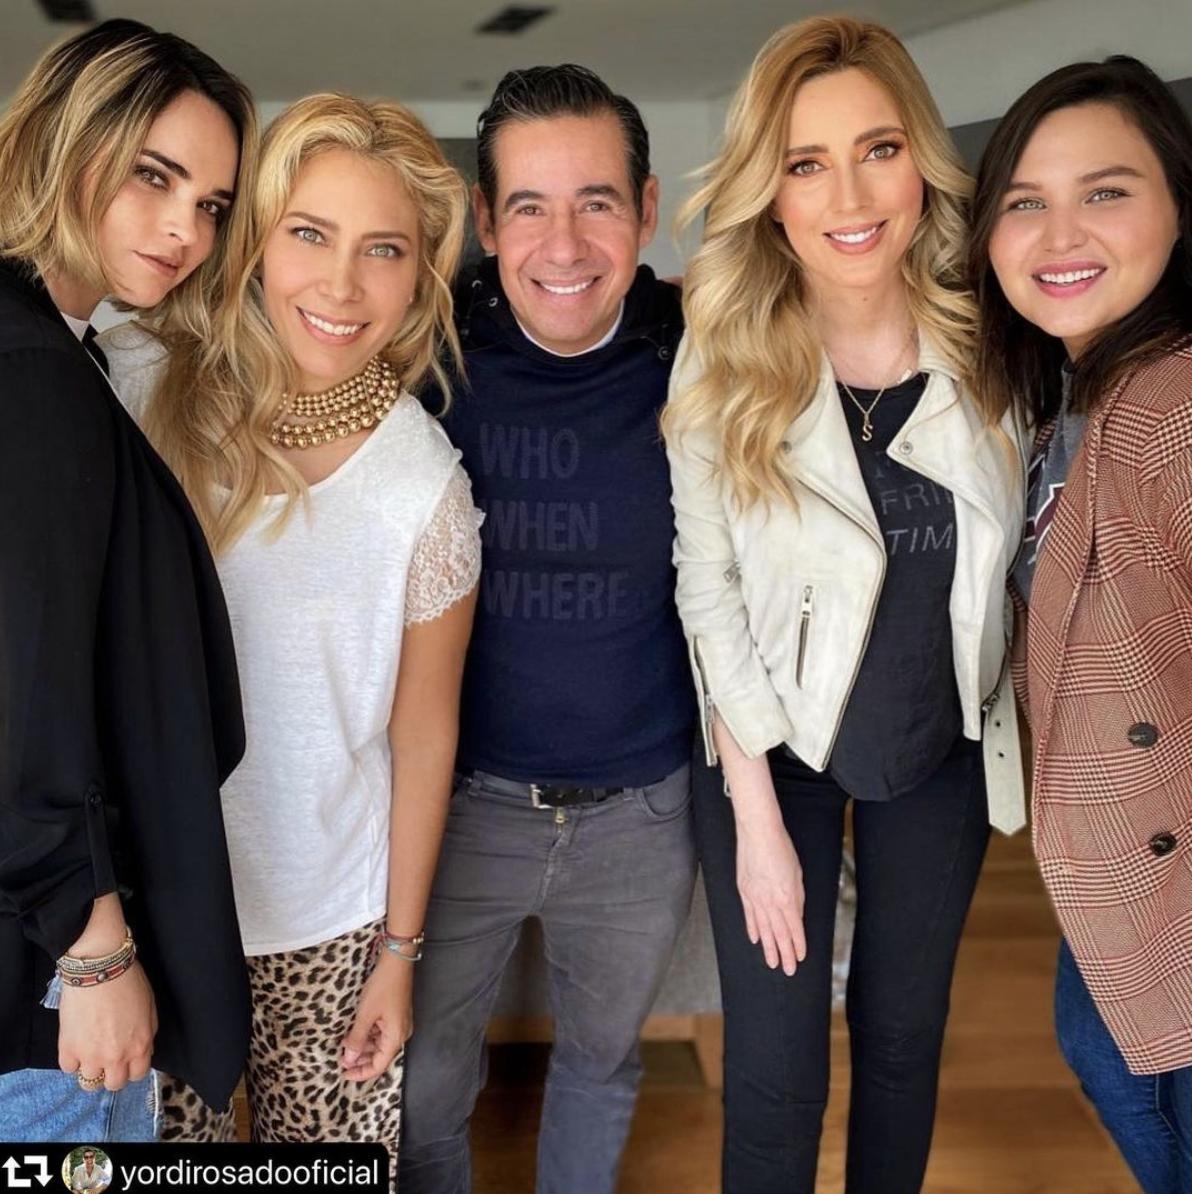 Shanik Aspe con Yordi Rosado y compañeras de Reinas de corazones